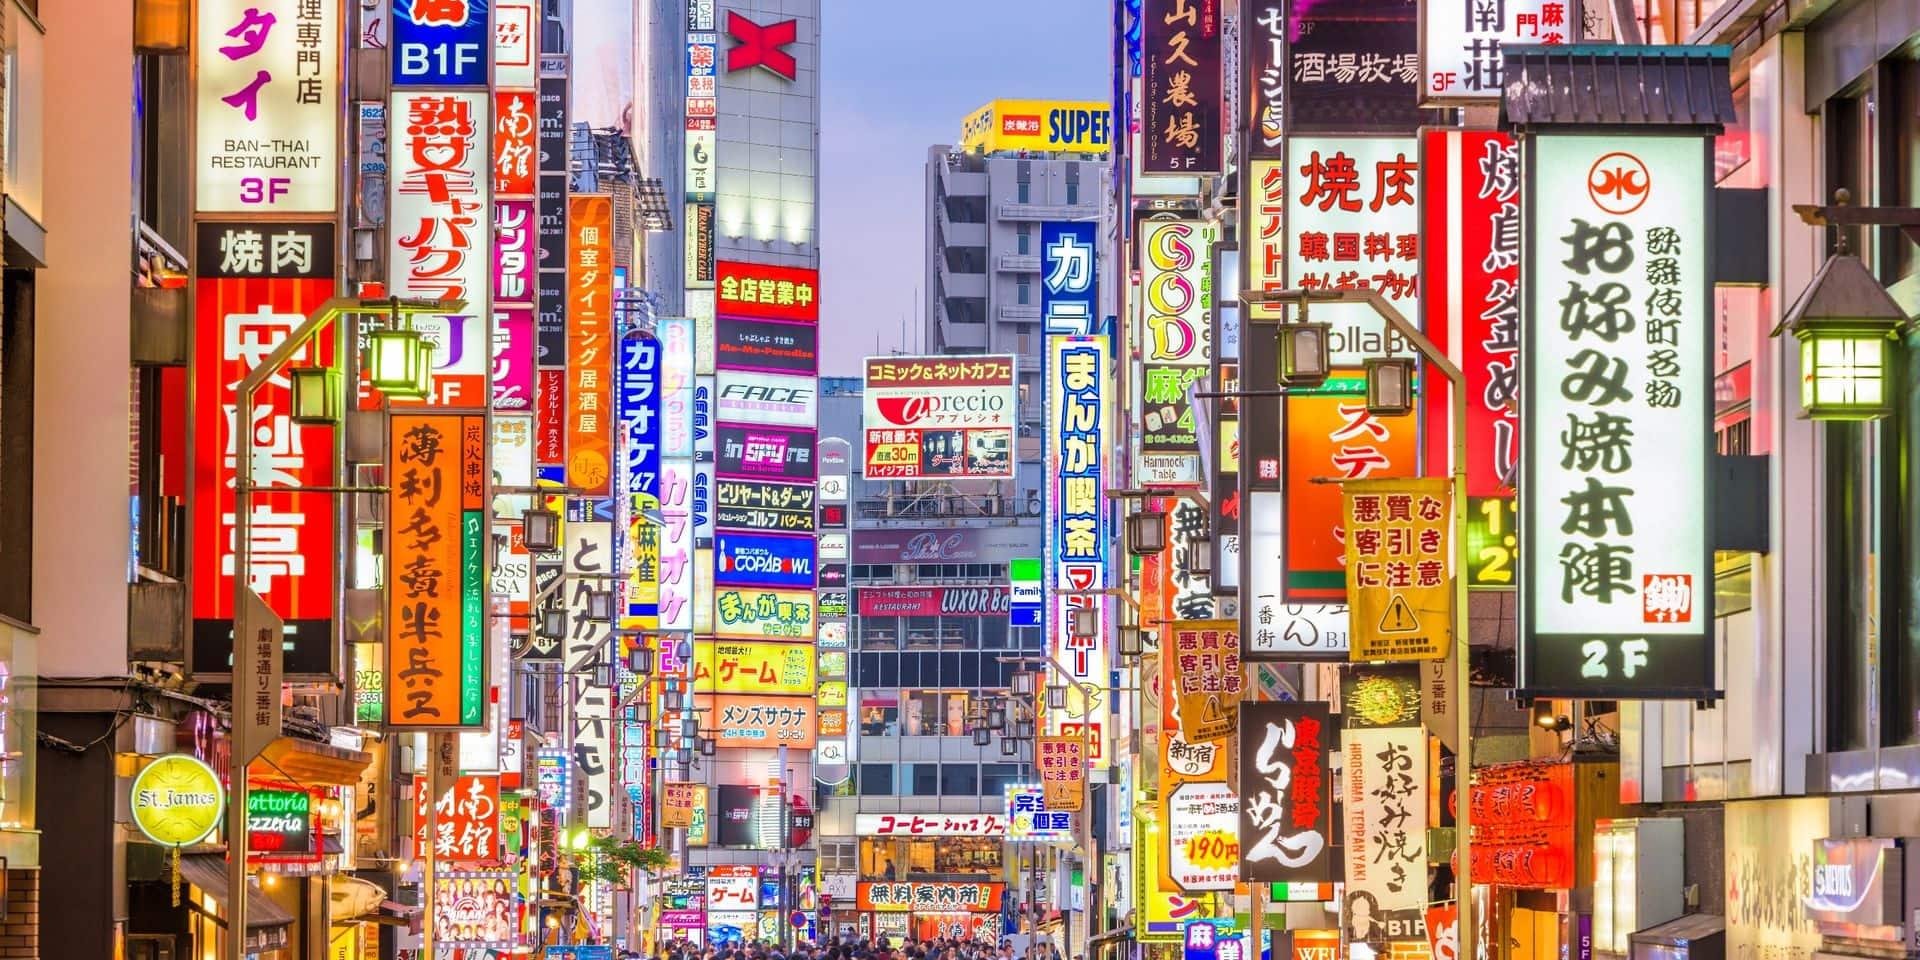 Tokyo et le Japon ont connu une année 2020 compliquée.